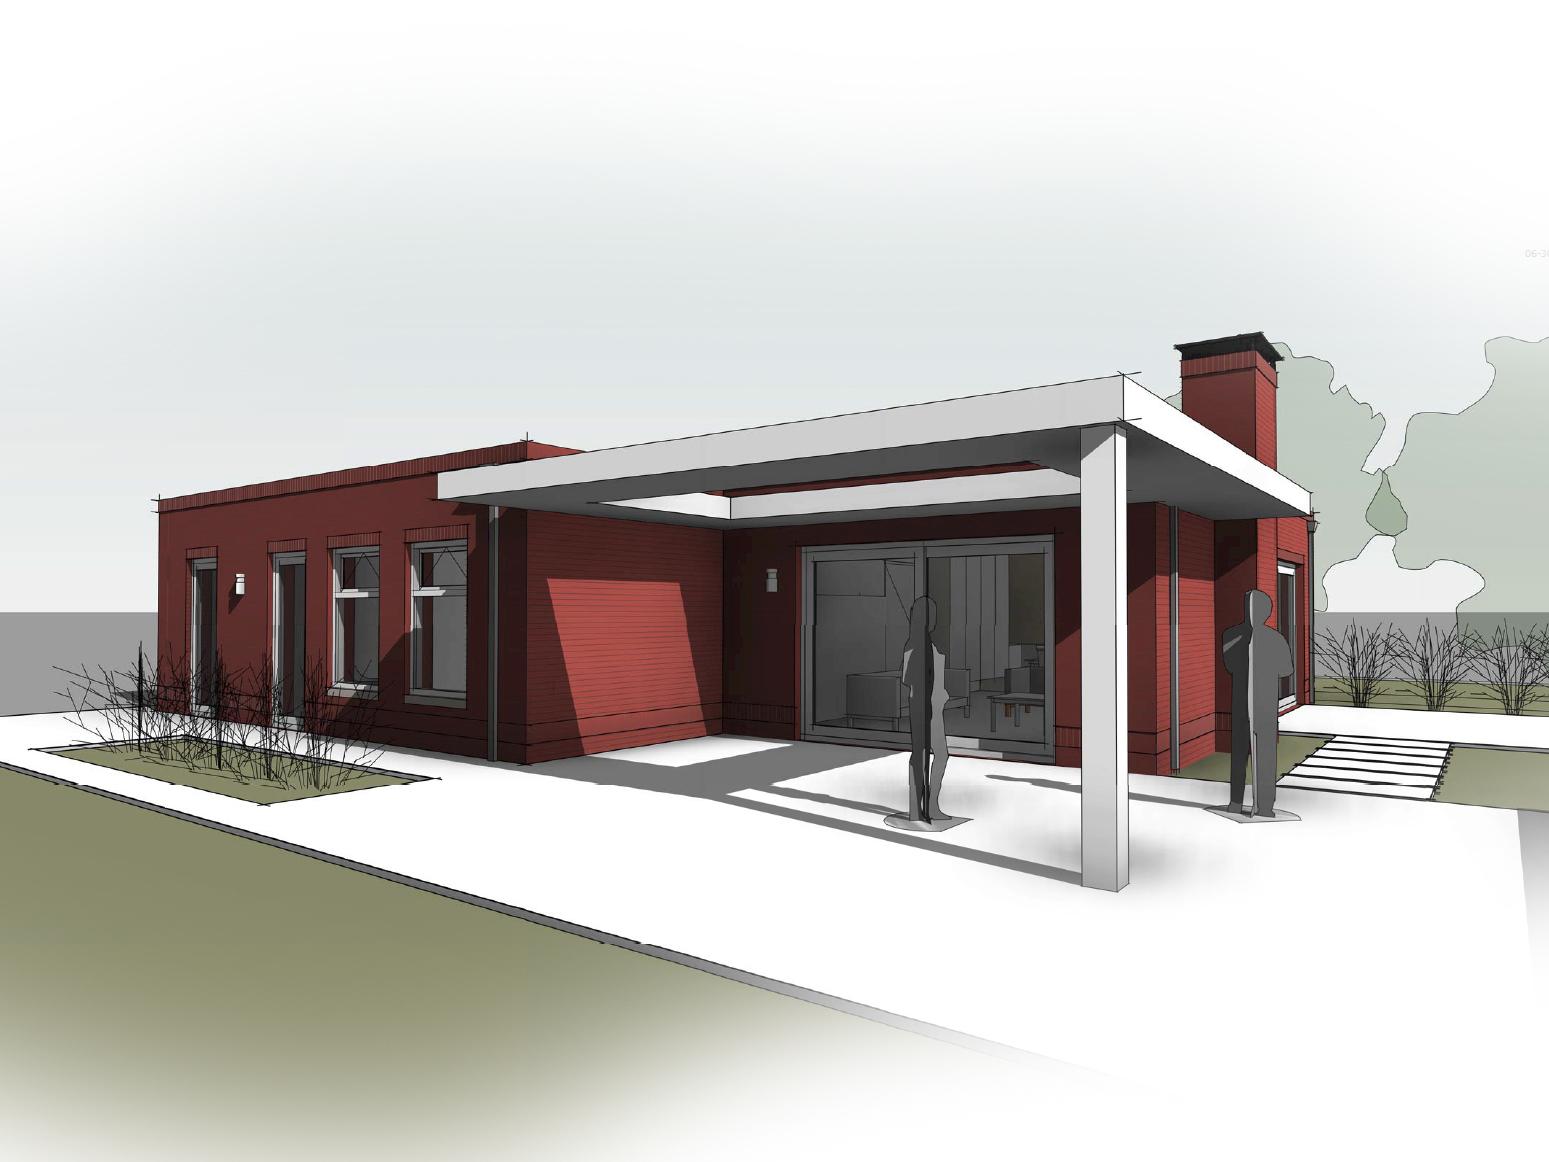 levensloopbestendigewoning-platdak-nieuw-buinen-van-oord-architectuur-en-design-wenum-wiesel-architect-voorst-architect-apeldoorn-2